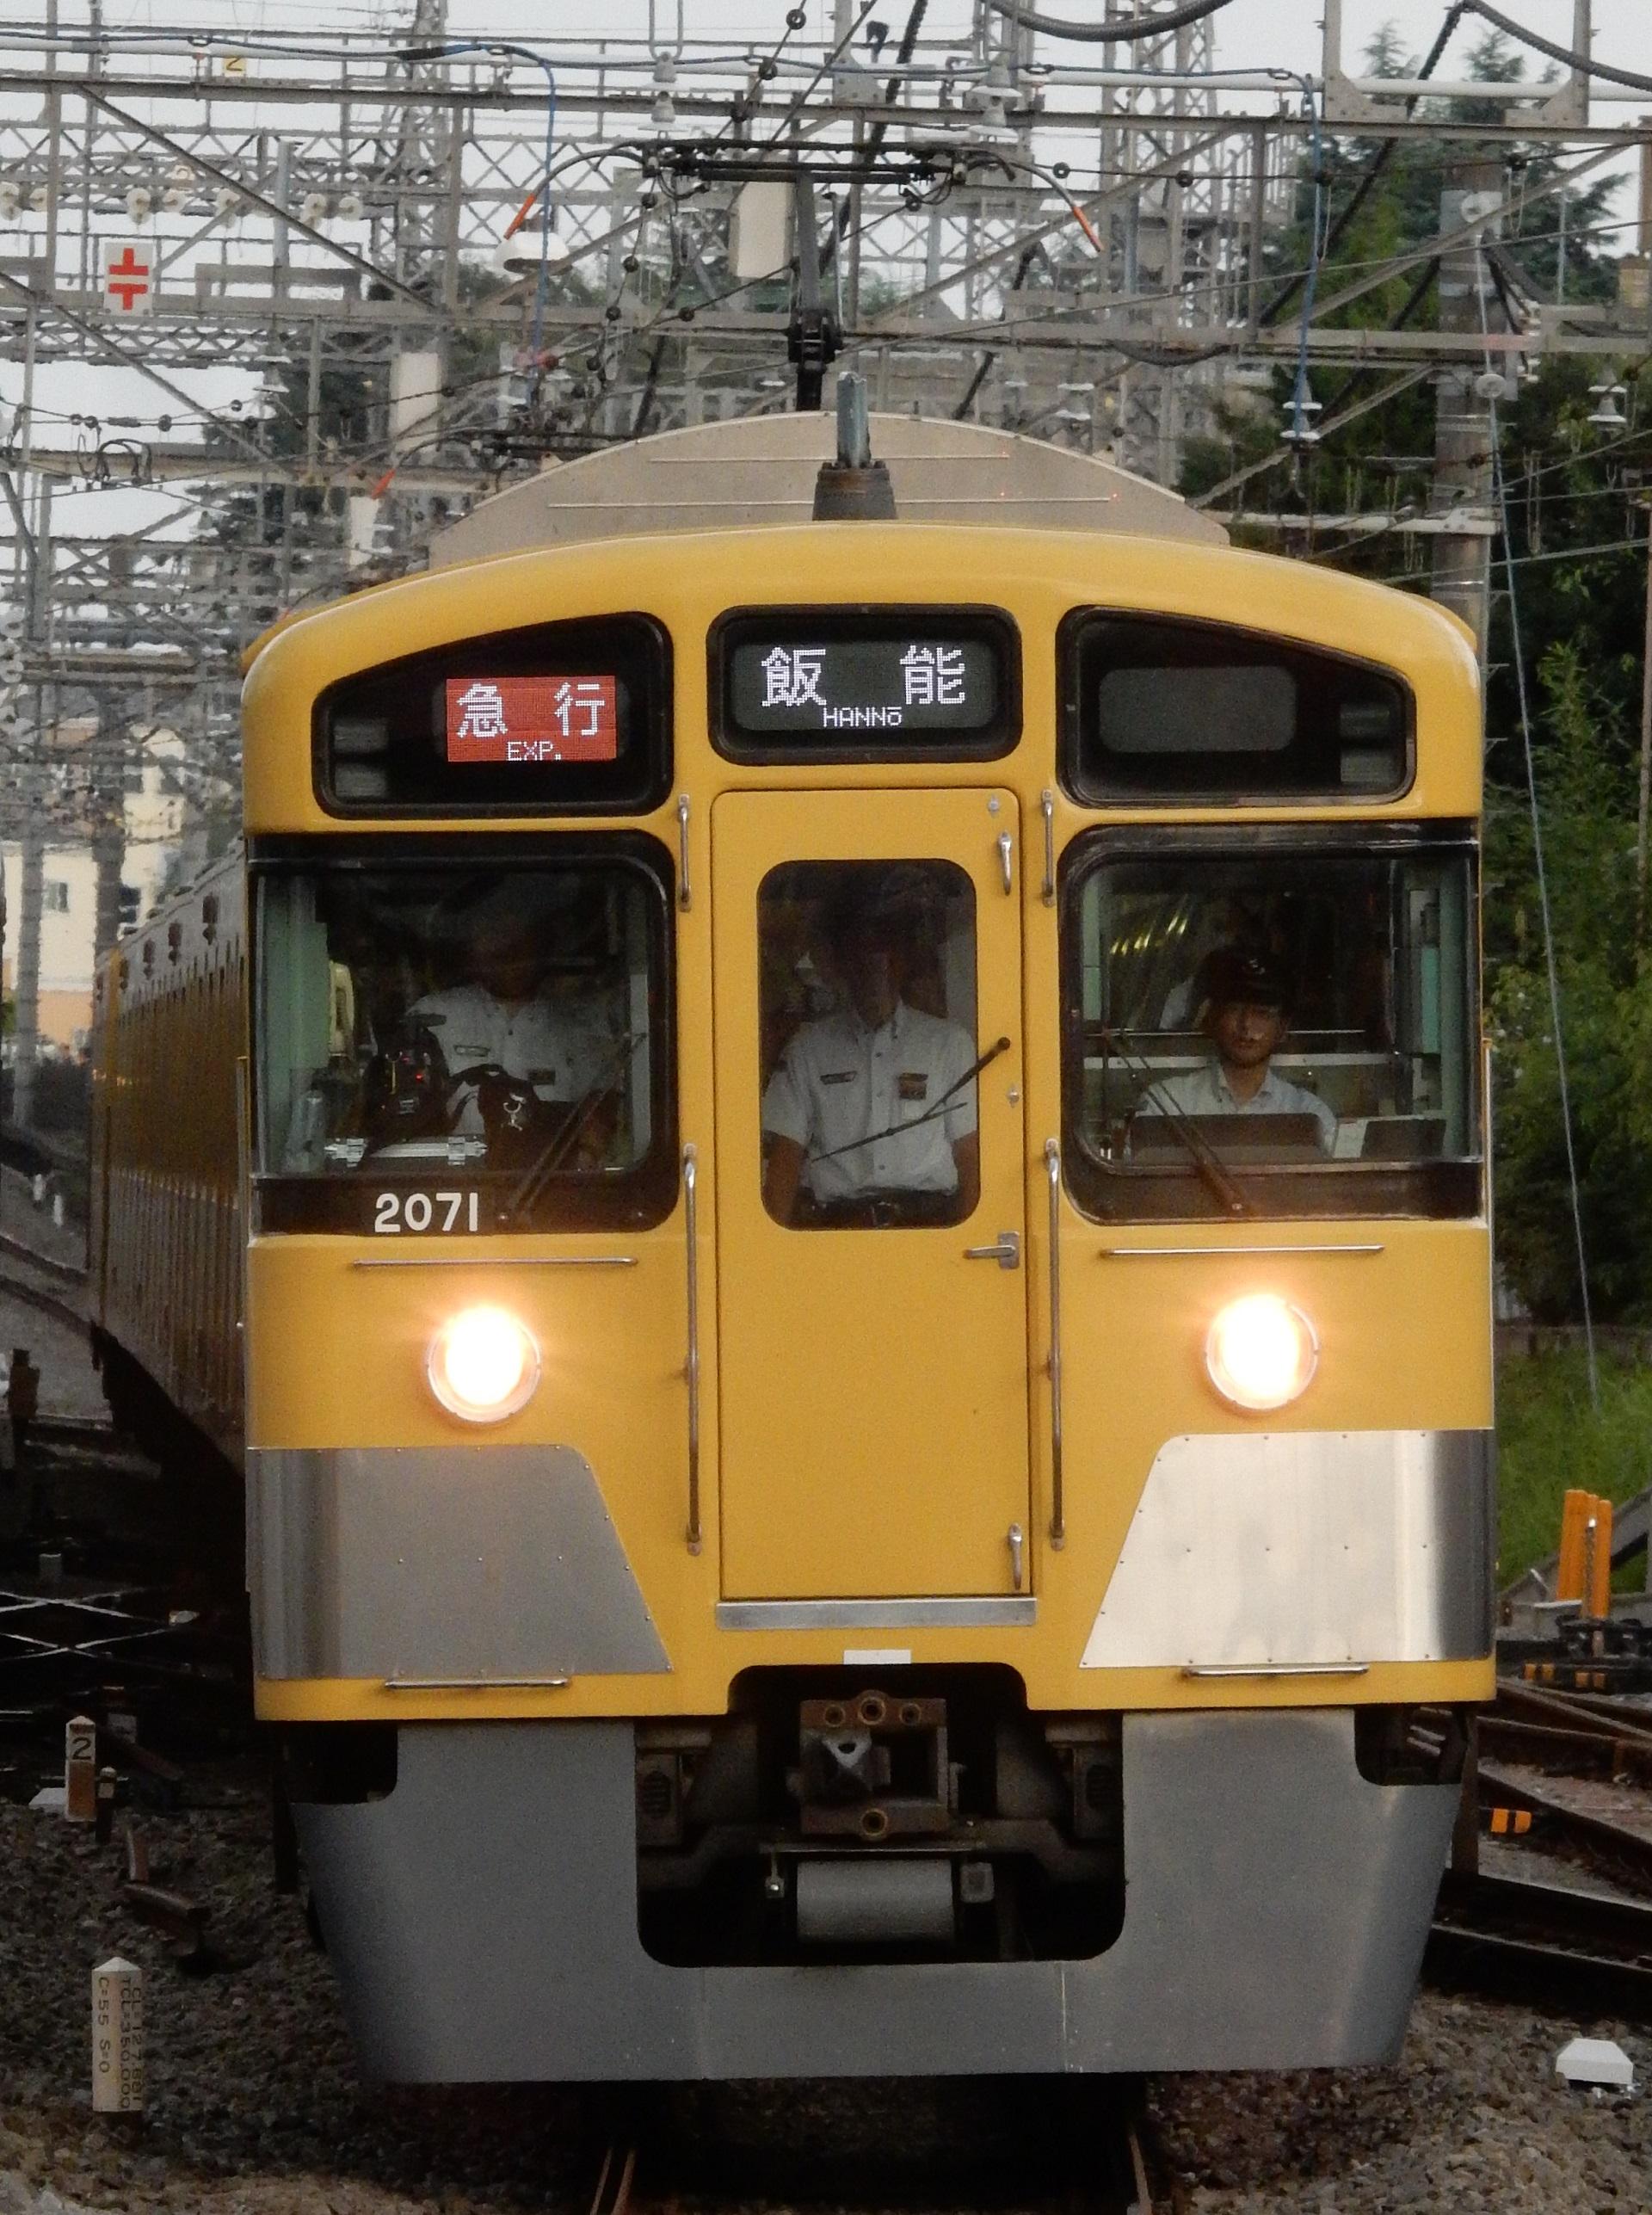 DSCN3345 - コピー